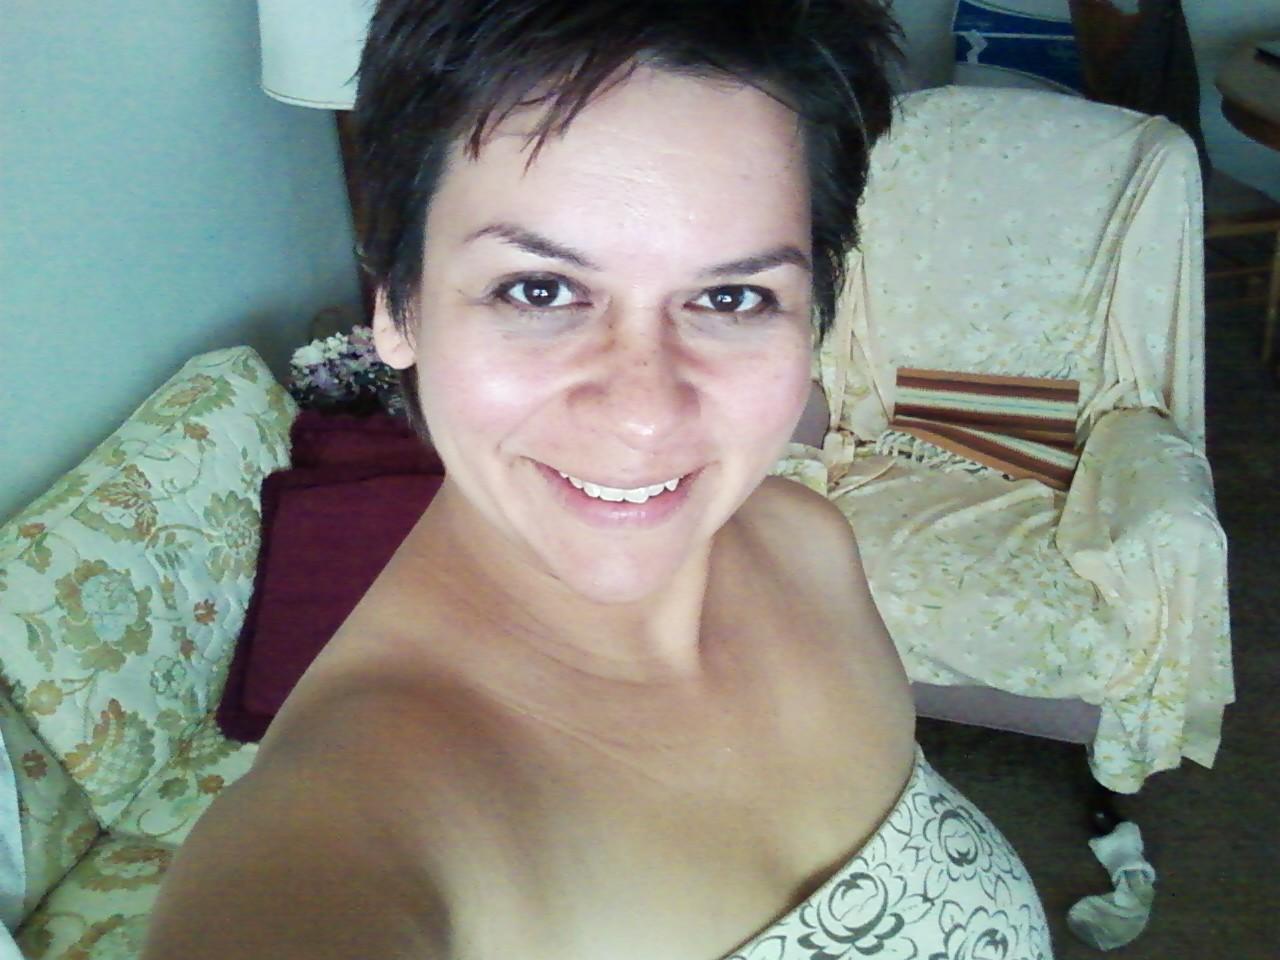 http://2.bp.blogspot.com/-G4Jf06qGe8c/Tq58Zo6pcPI/AAAAAAAAAKk/krD24pu7KiM/s1600/0820111558.jpg